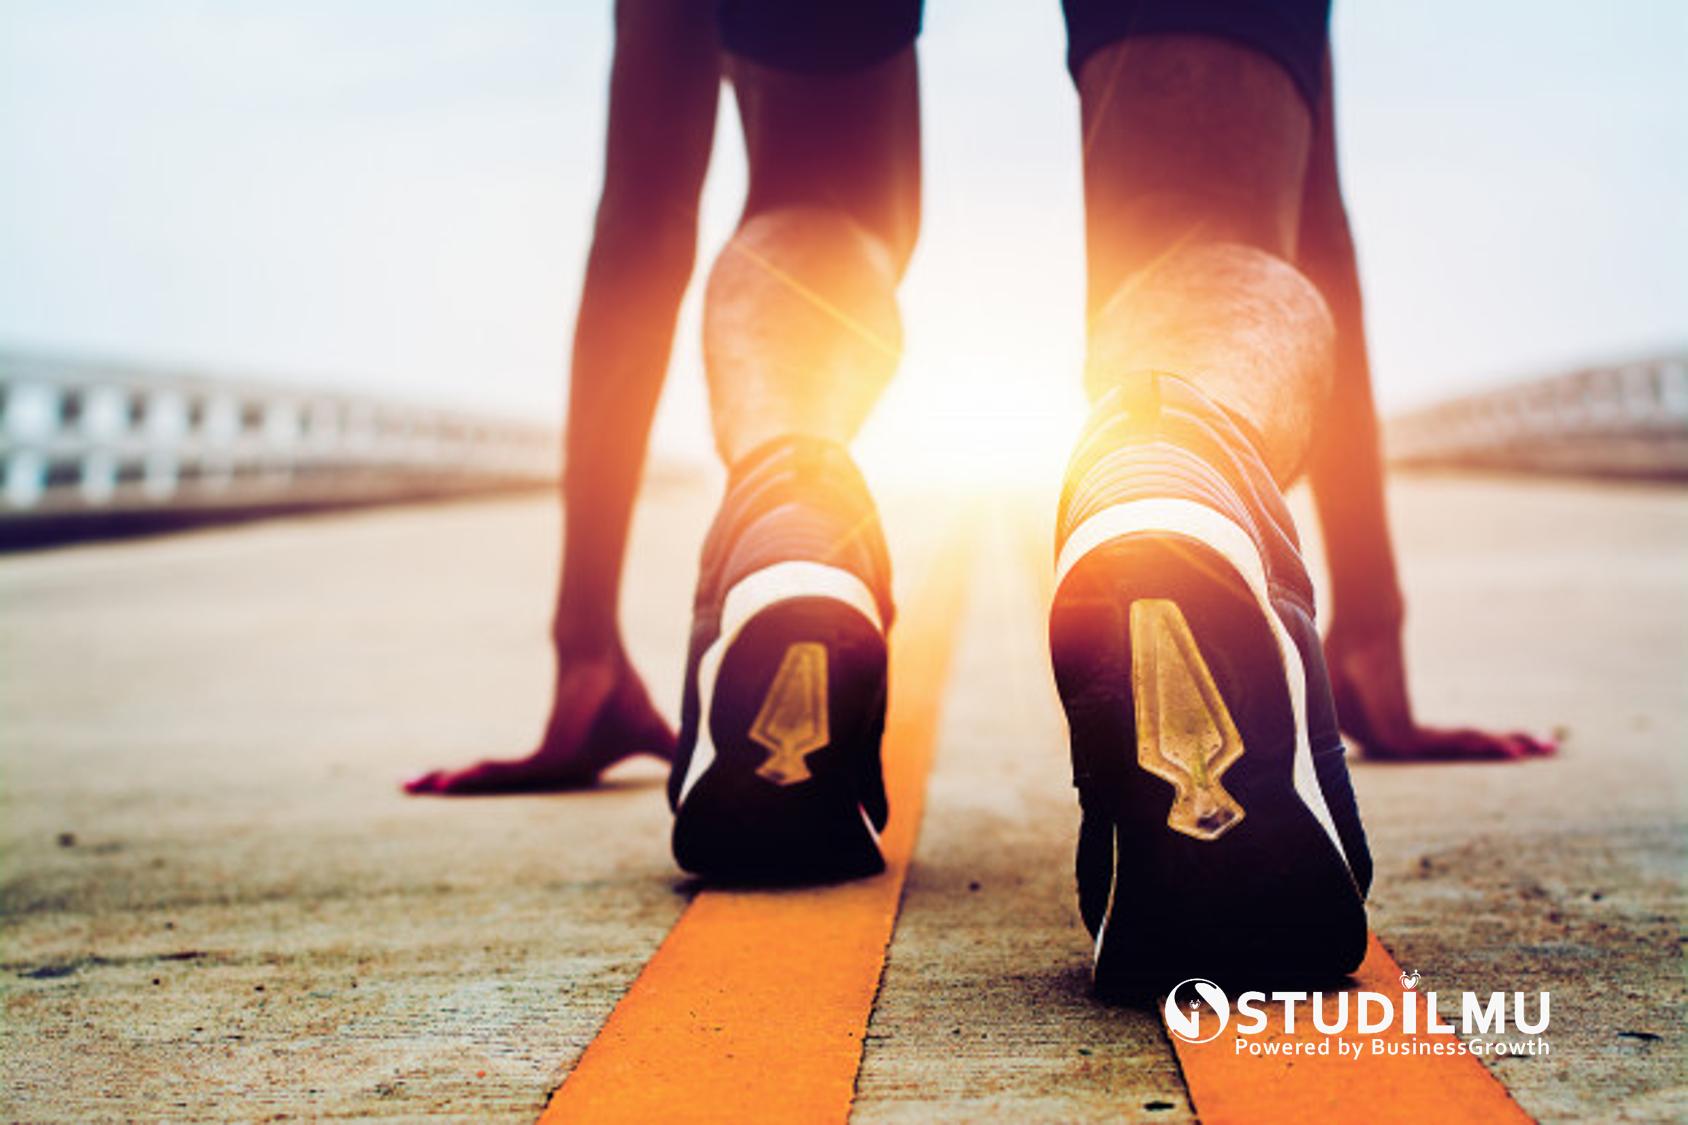 STUDILMU Career Advice - Menjadi Selangkah Lebih Maju